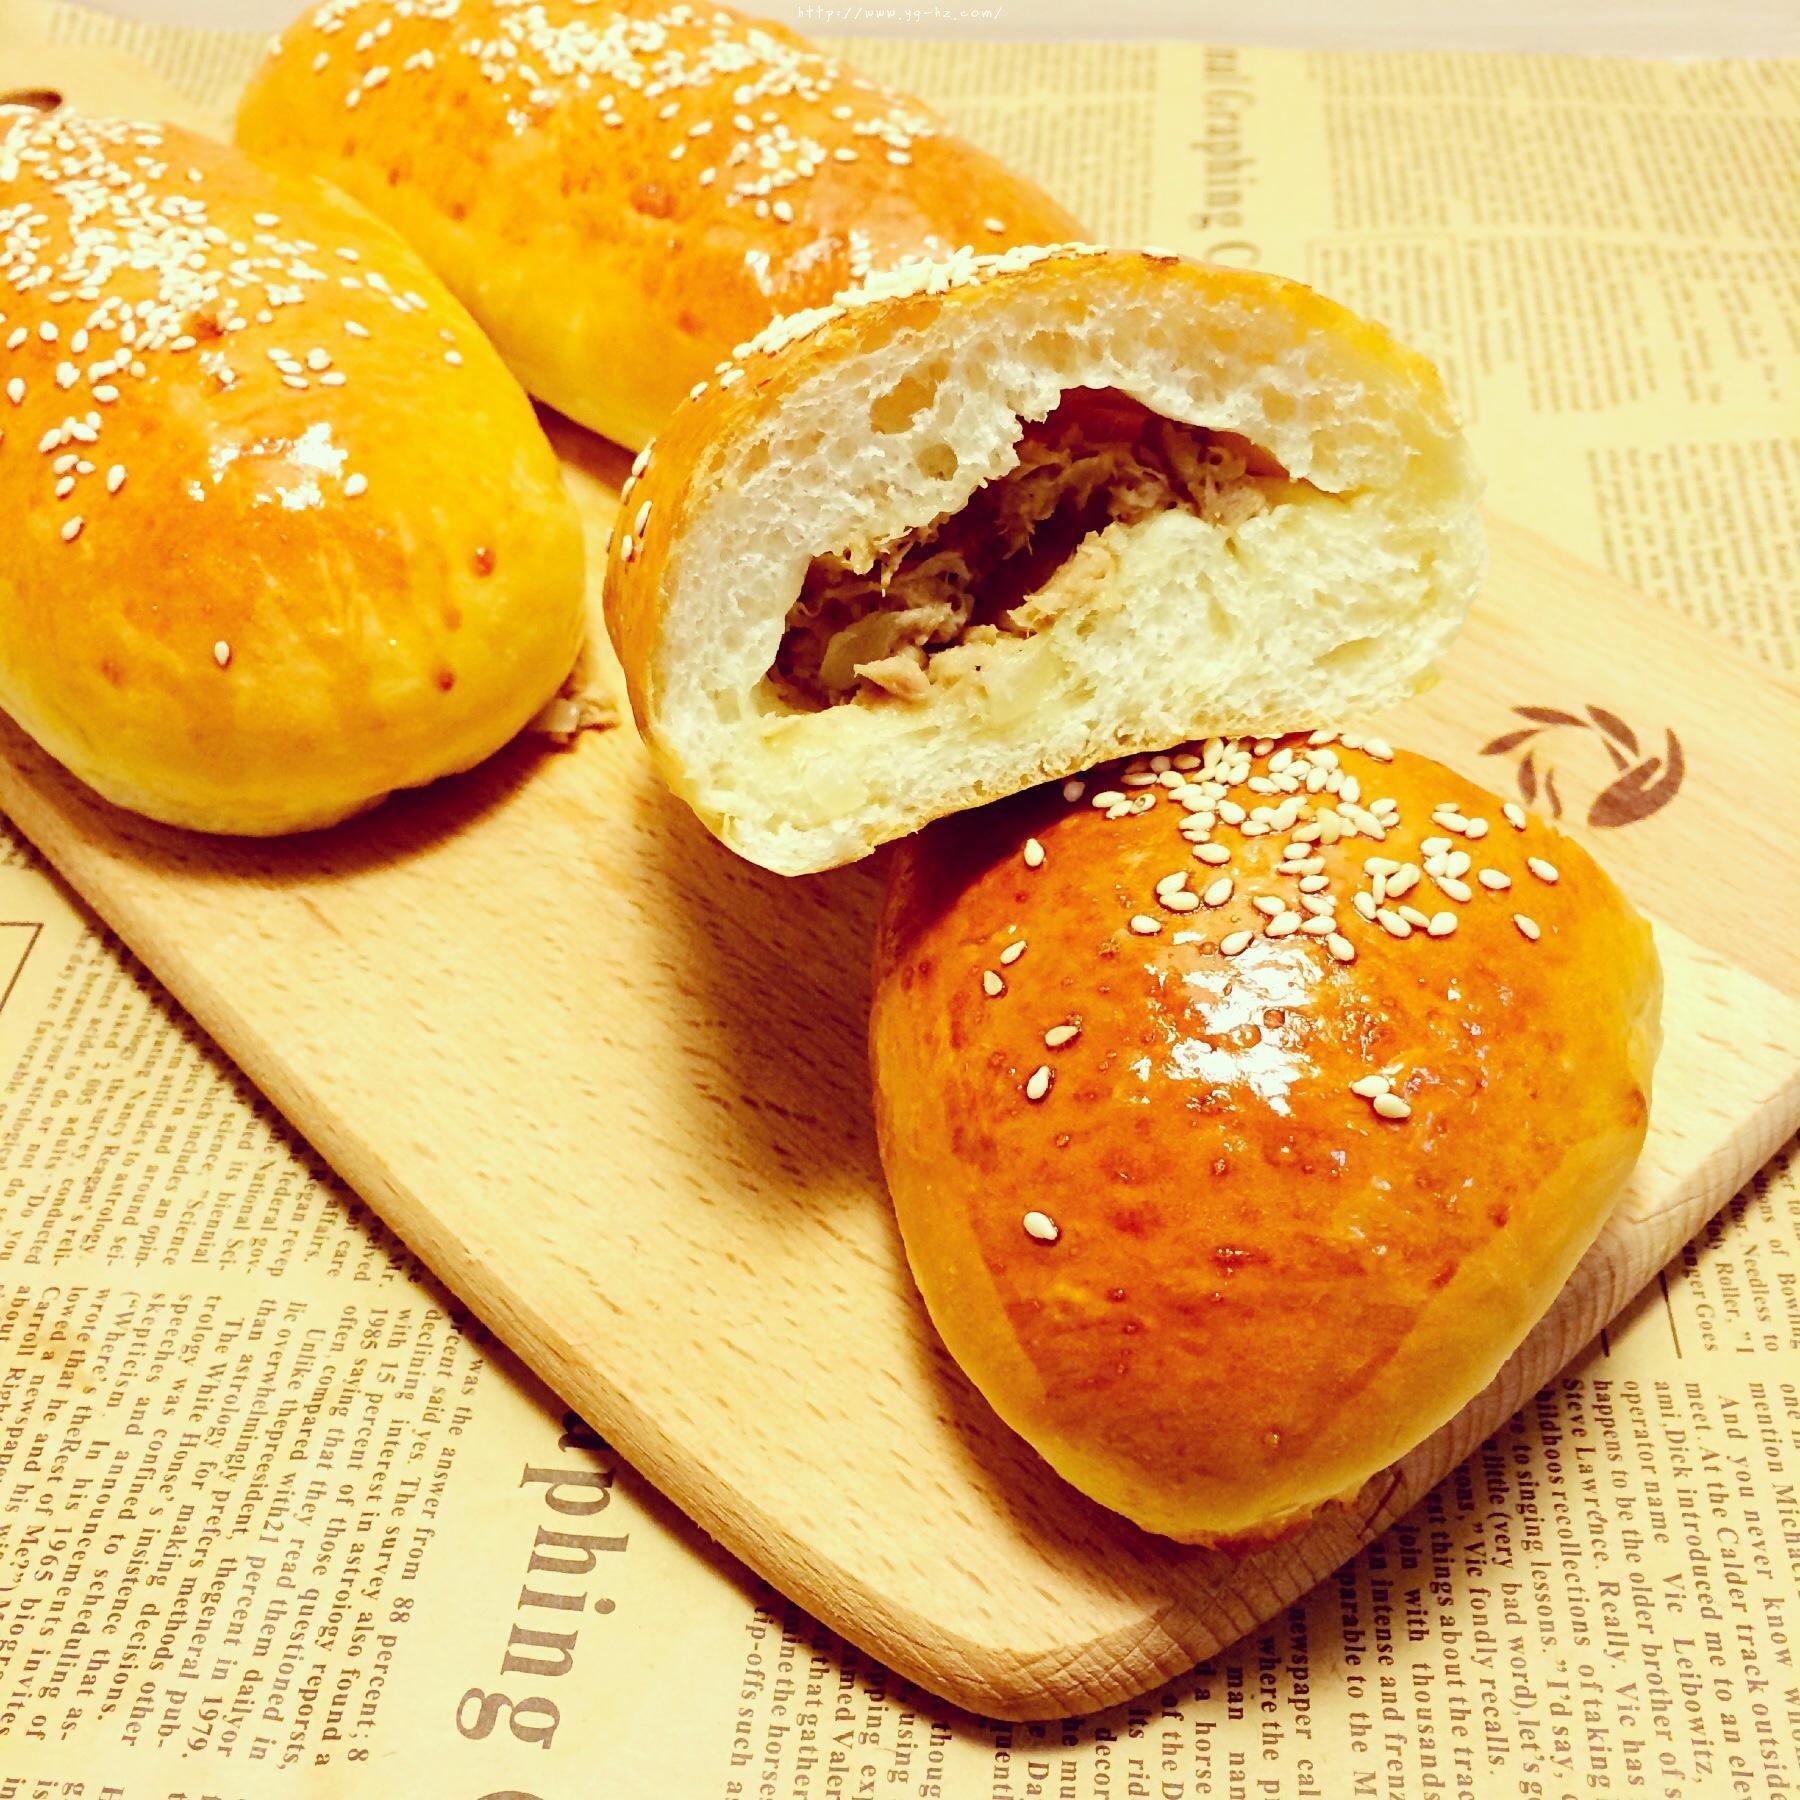 洋葱金枪鱼面包的做法